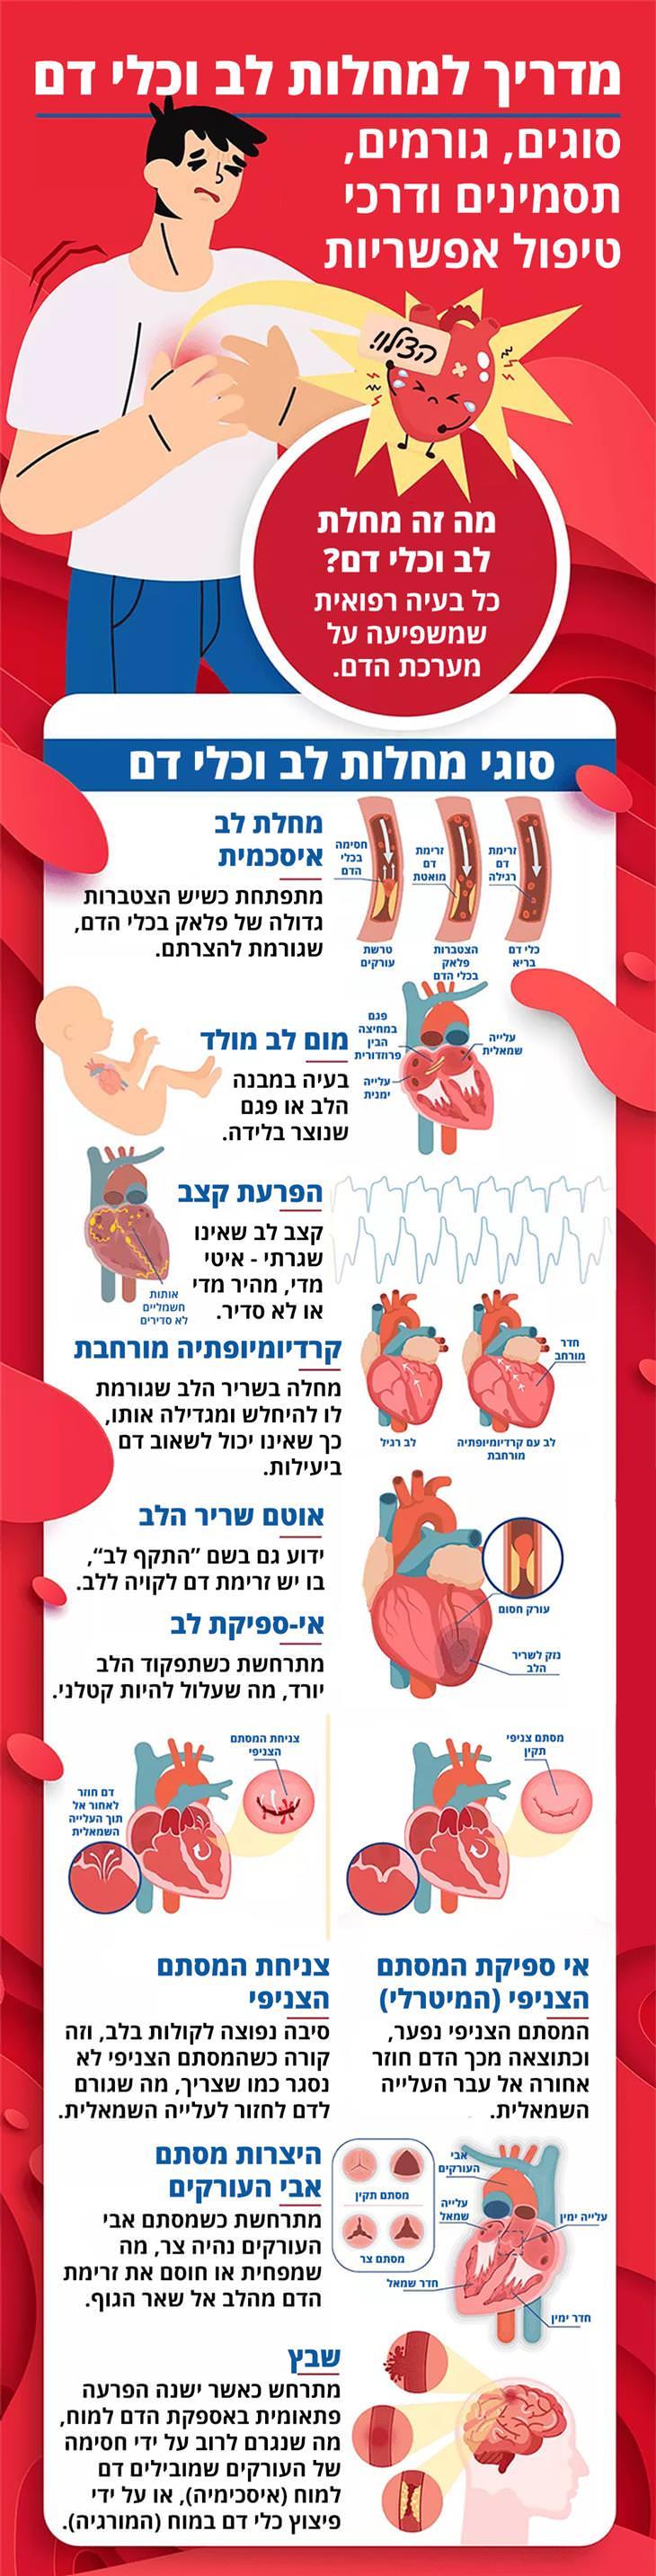 מחלות לב וכלי דם: סוגי מחלות לב וכלי דם